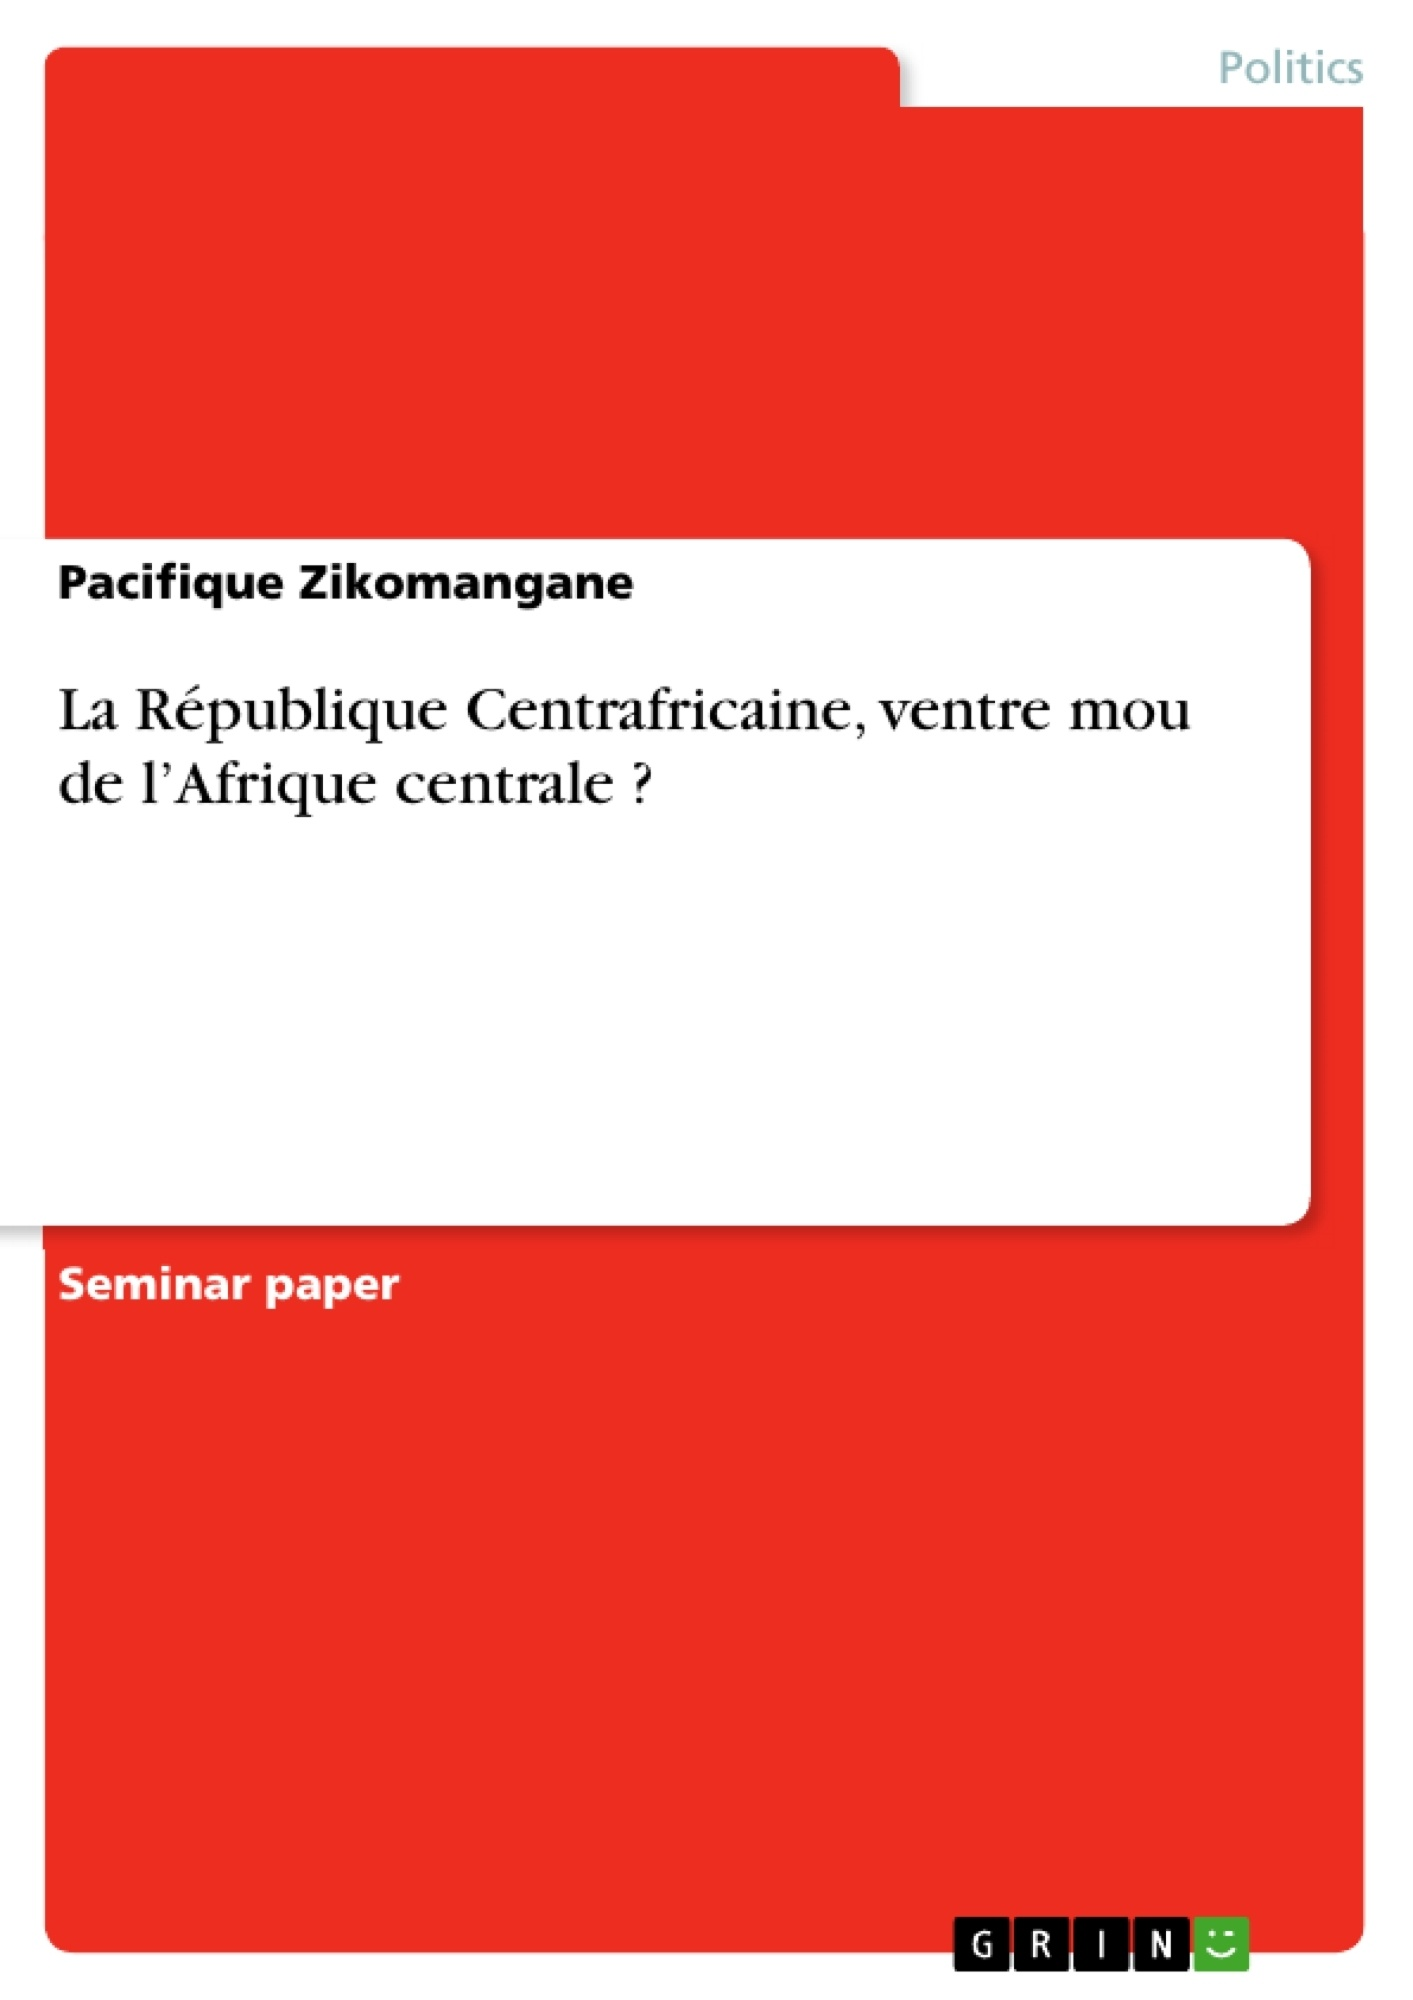 Titre: La République Centrafricaine, ventre mou de l'Afrique centrale ?